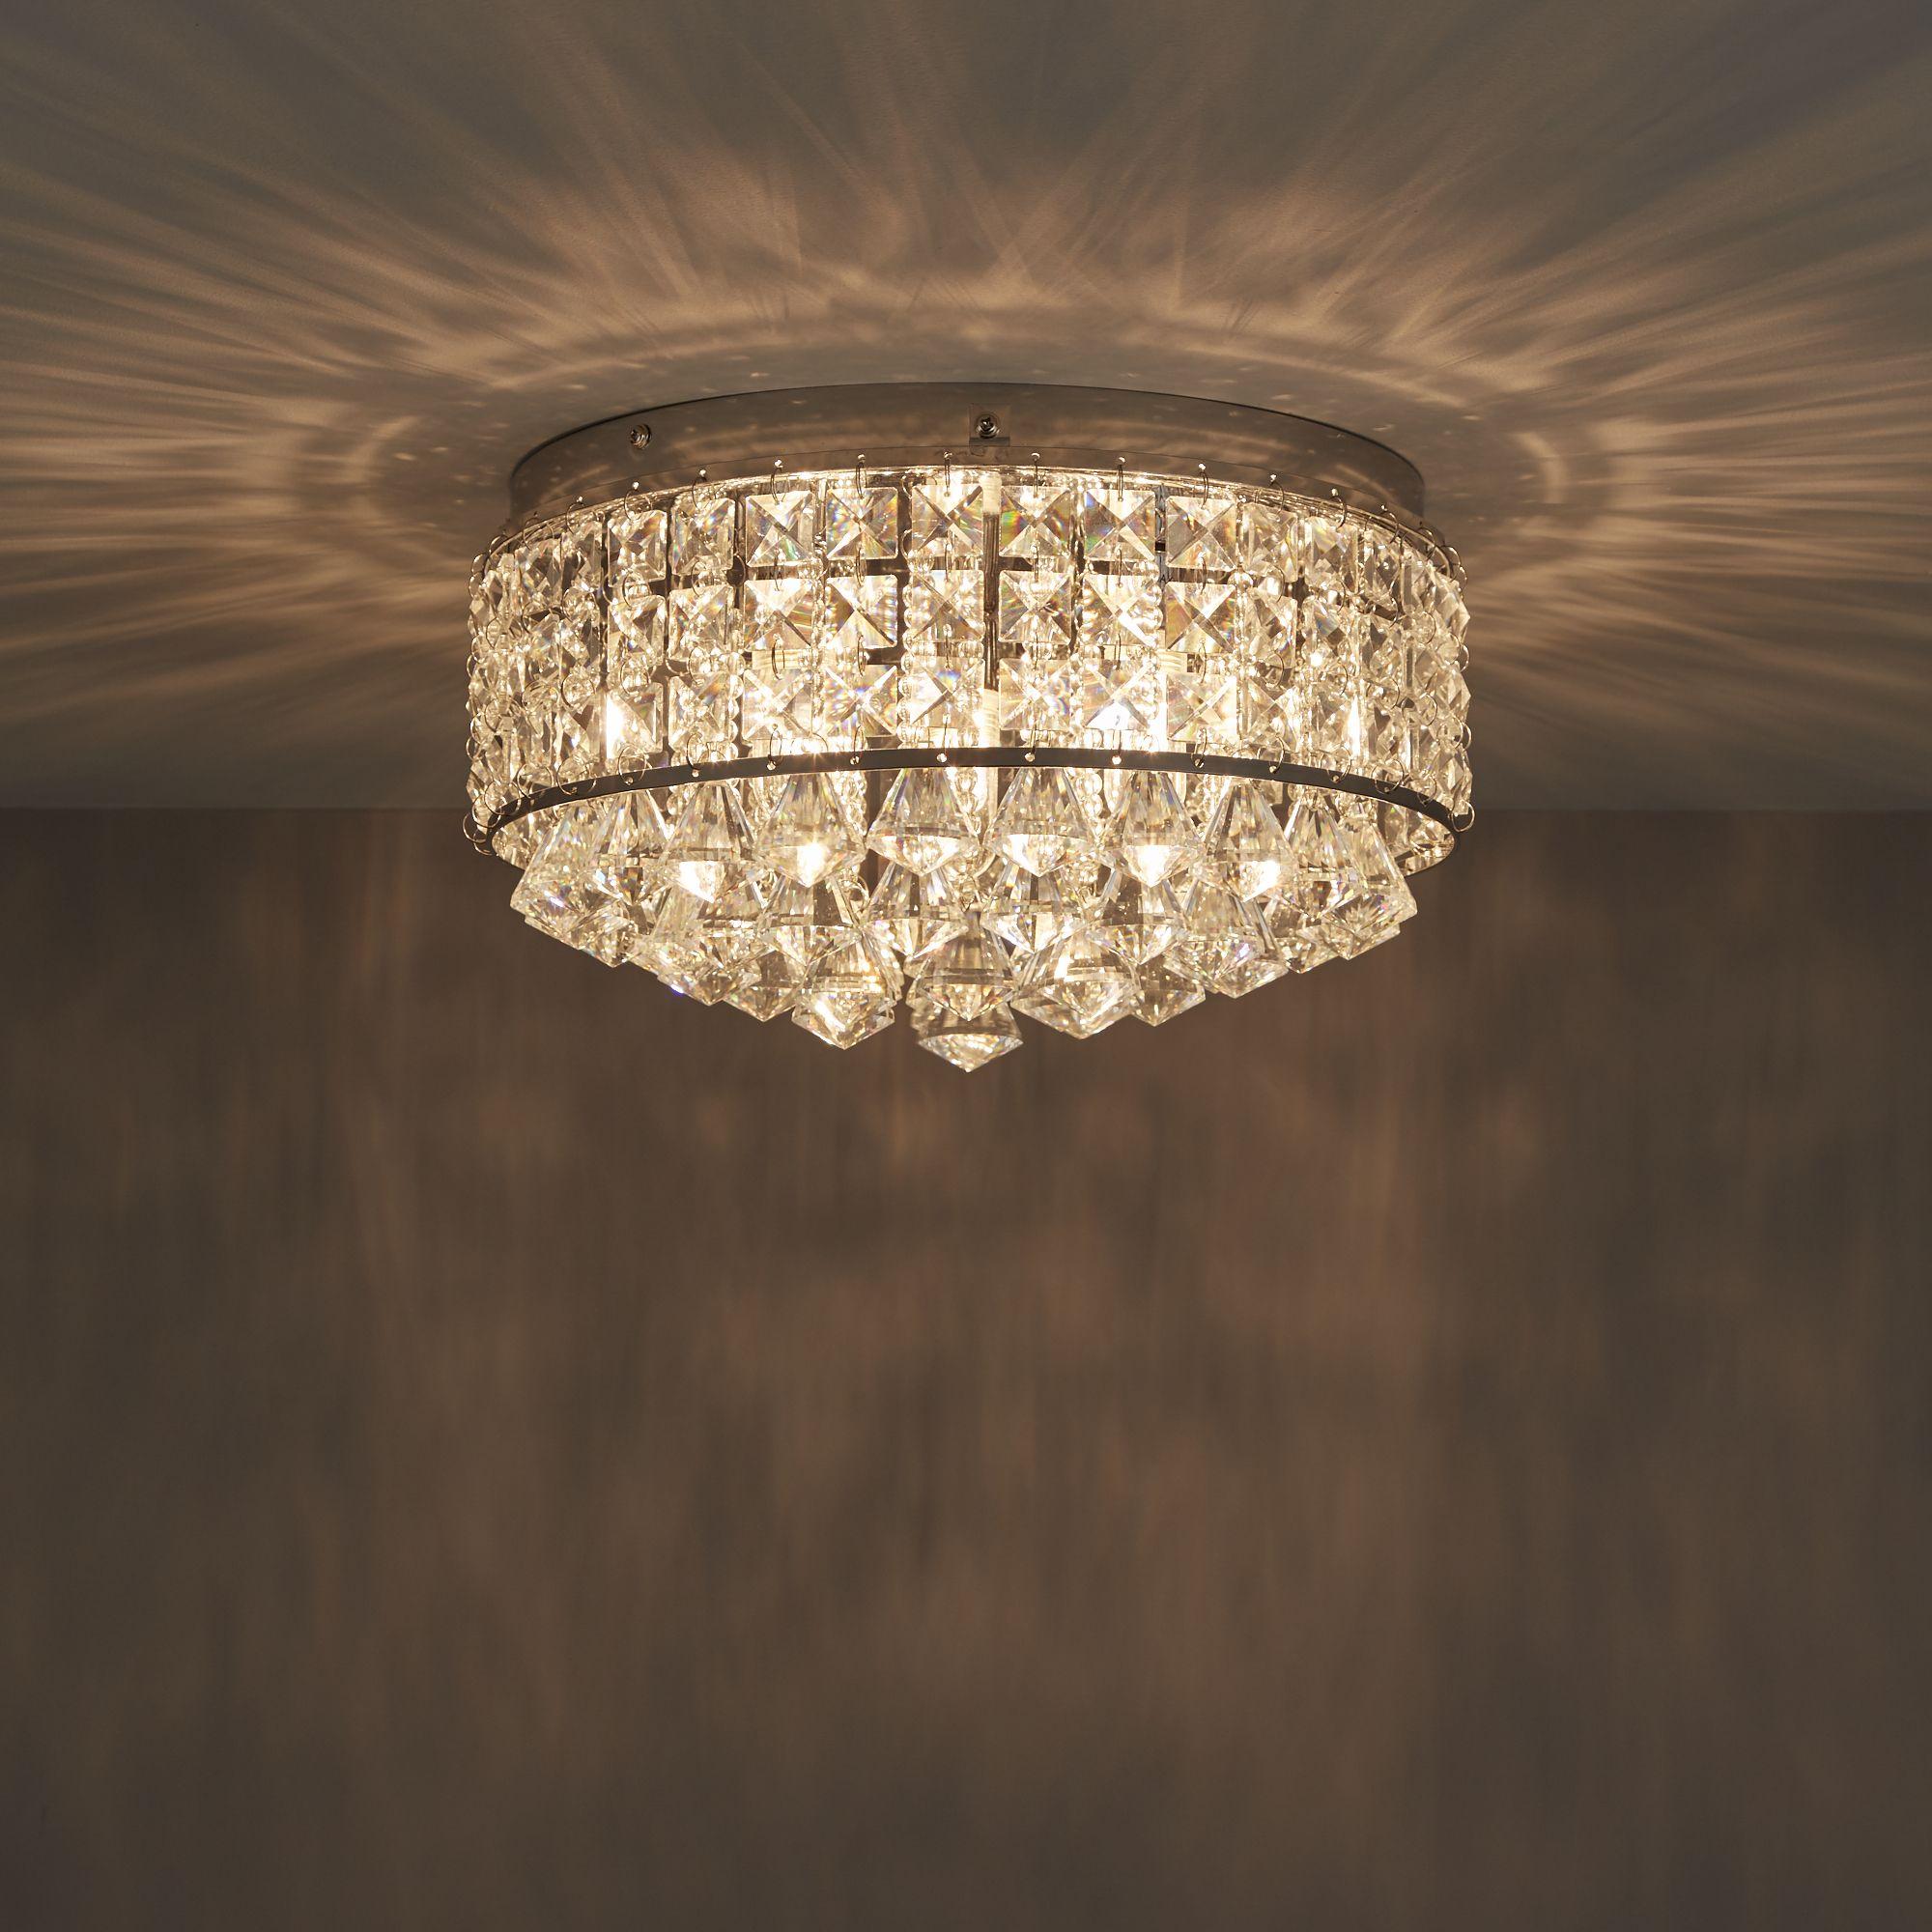 Diy at bq ultim chrome effect 3 lamp flush light arubaitofo Images